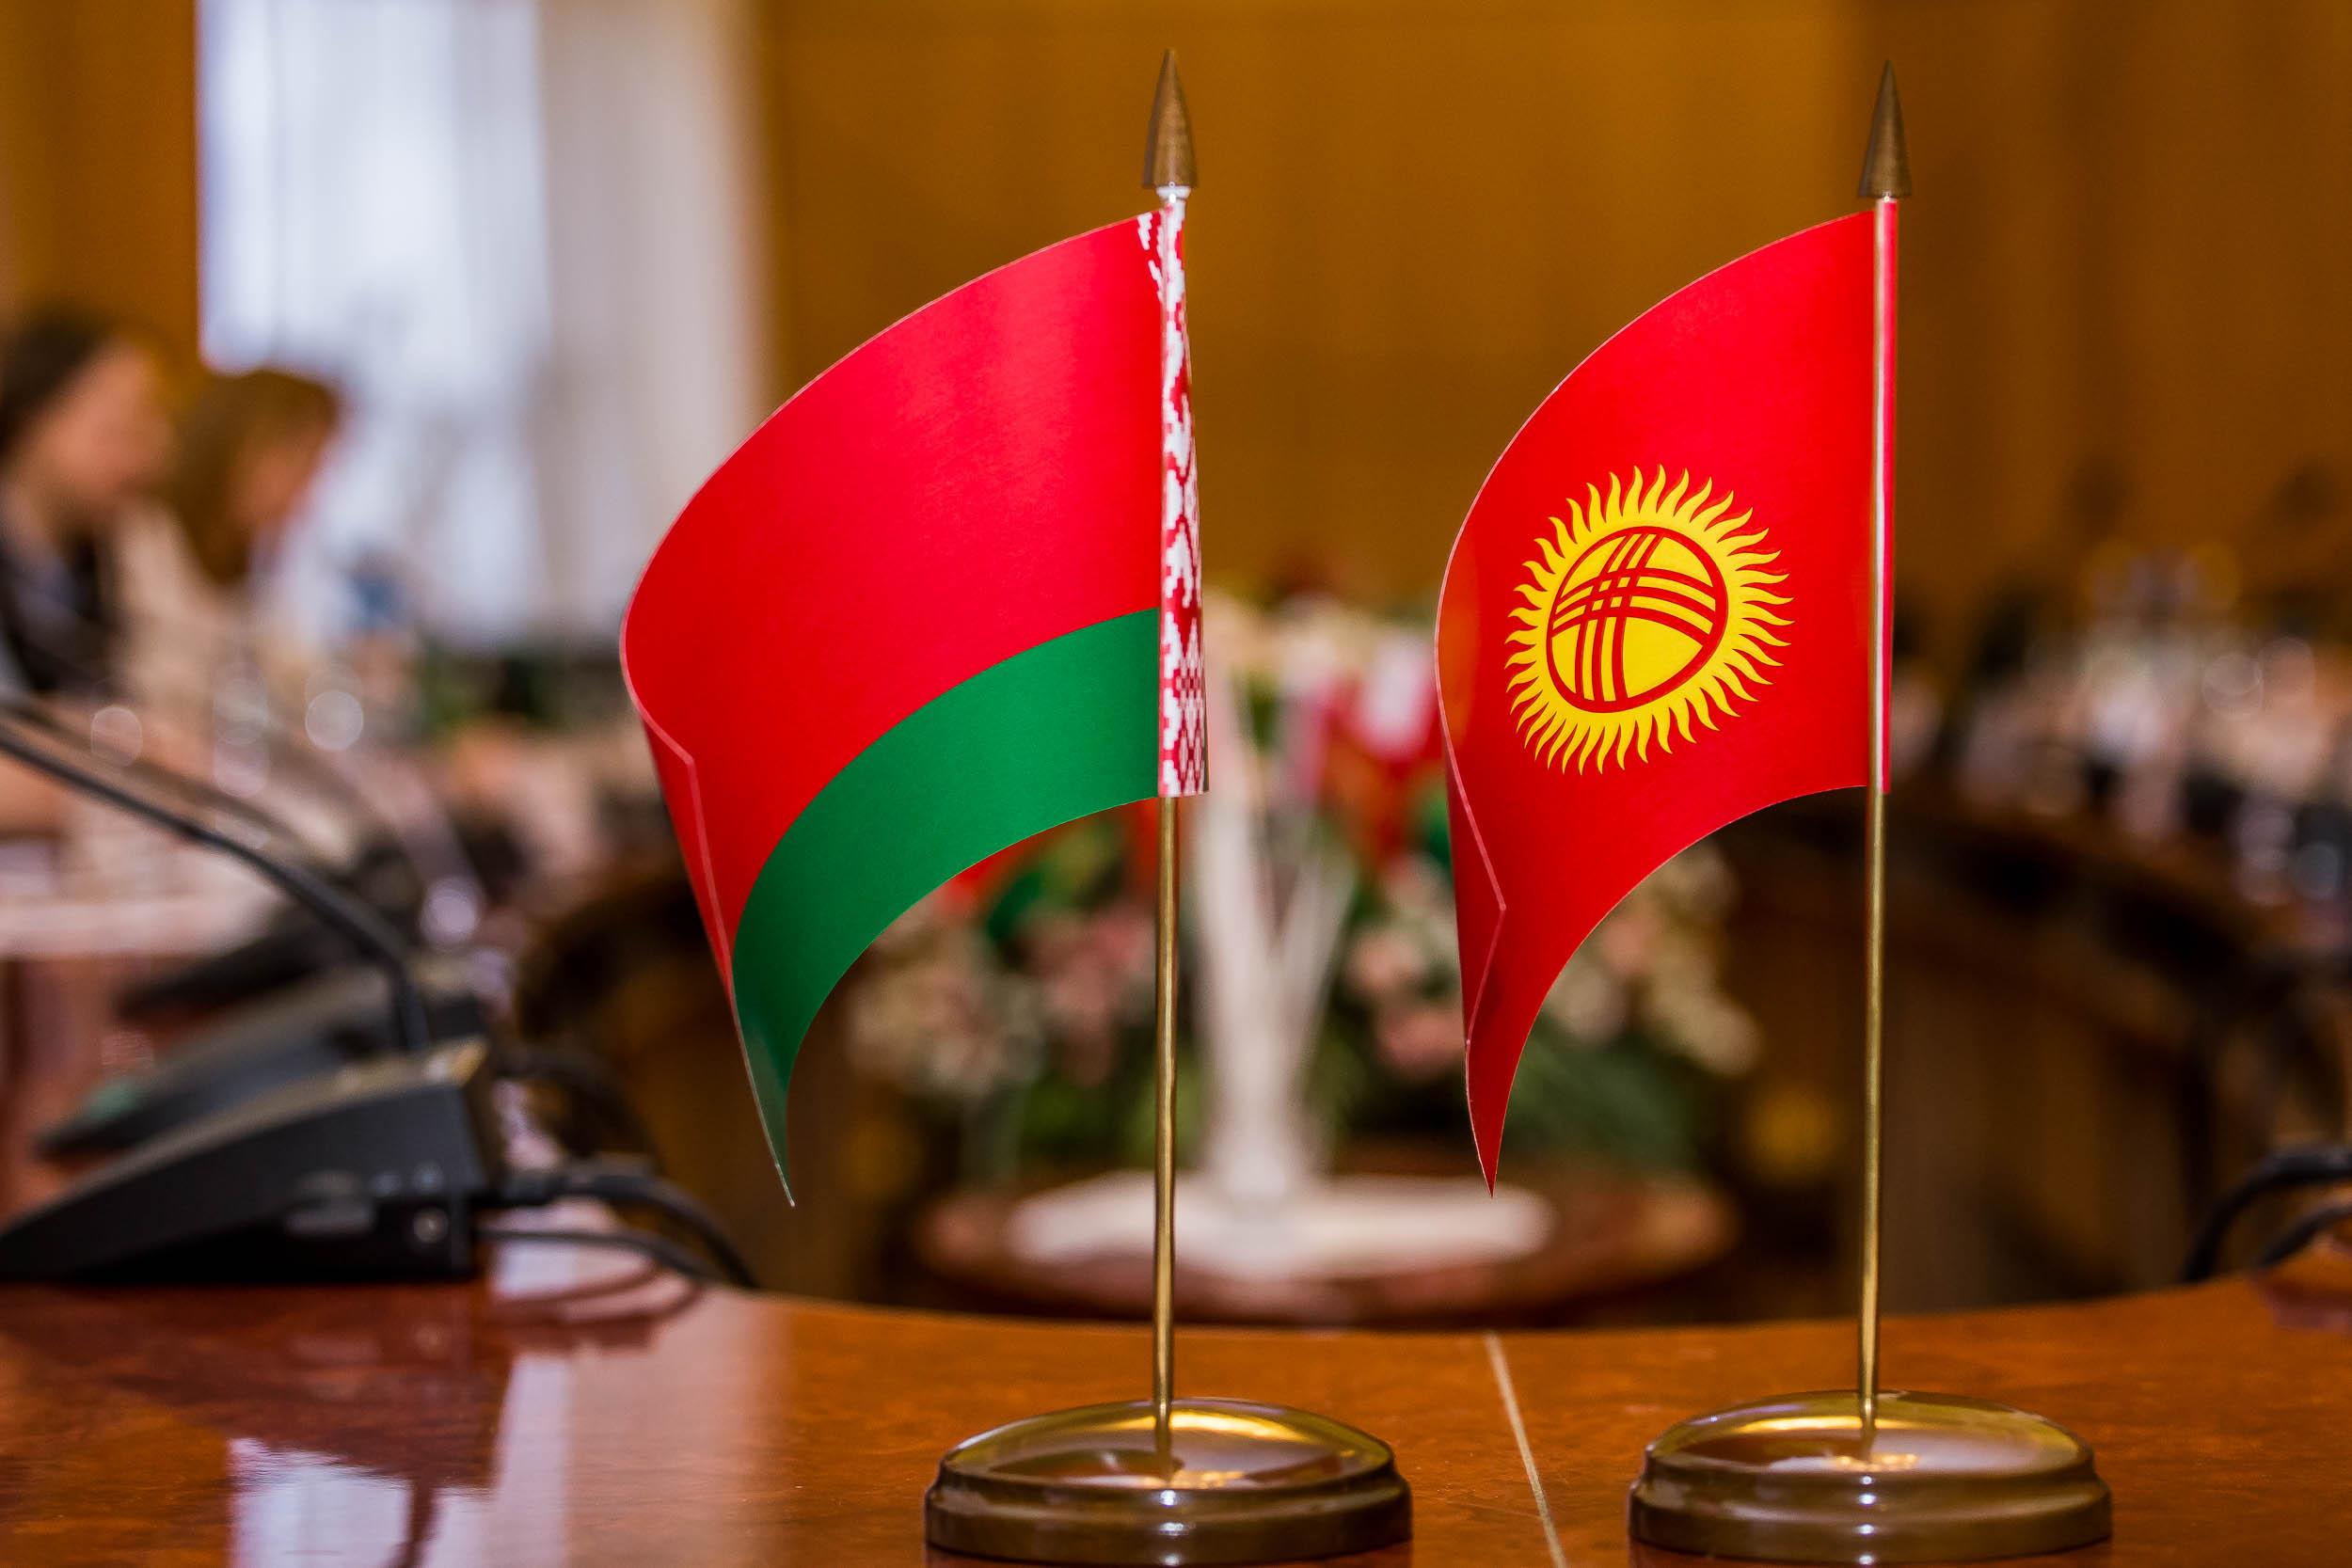 Белоруссия акысыз билим алуу үчүн Кыргызстанга 8 орун бөлдү